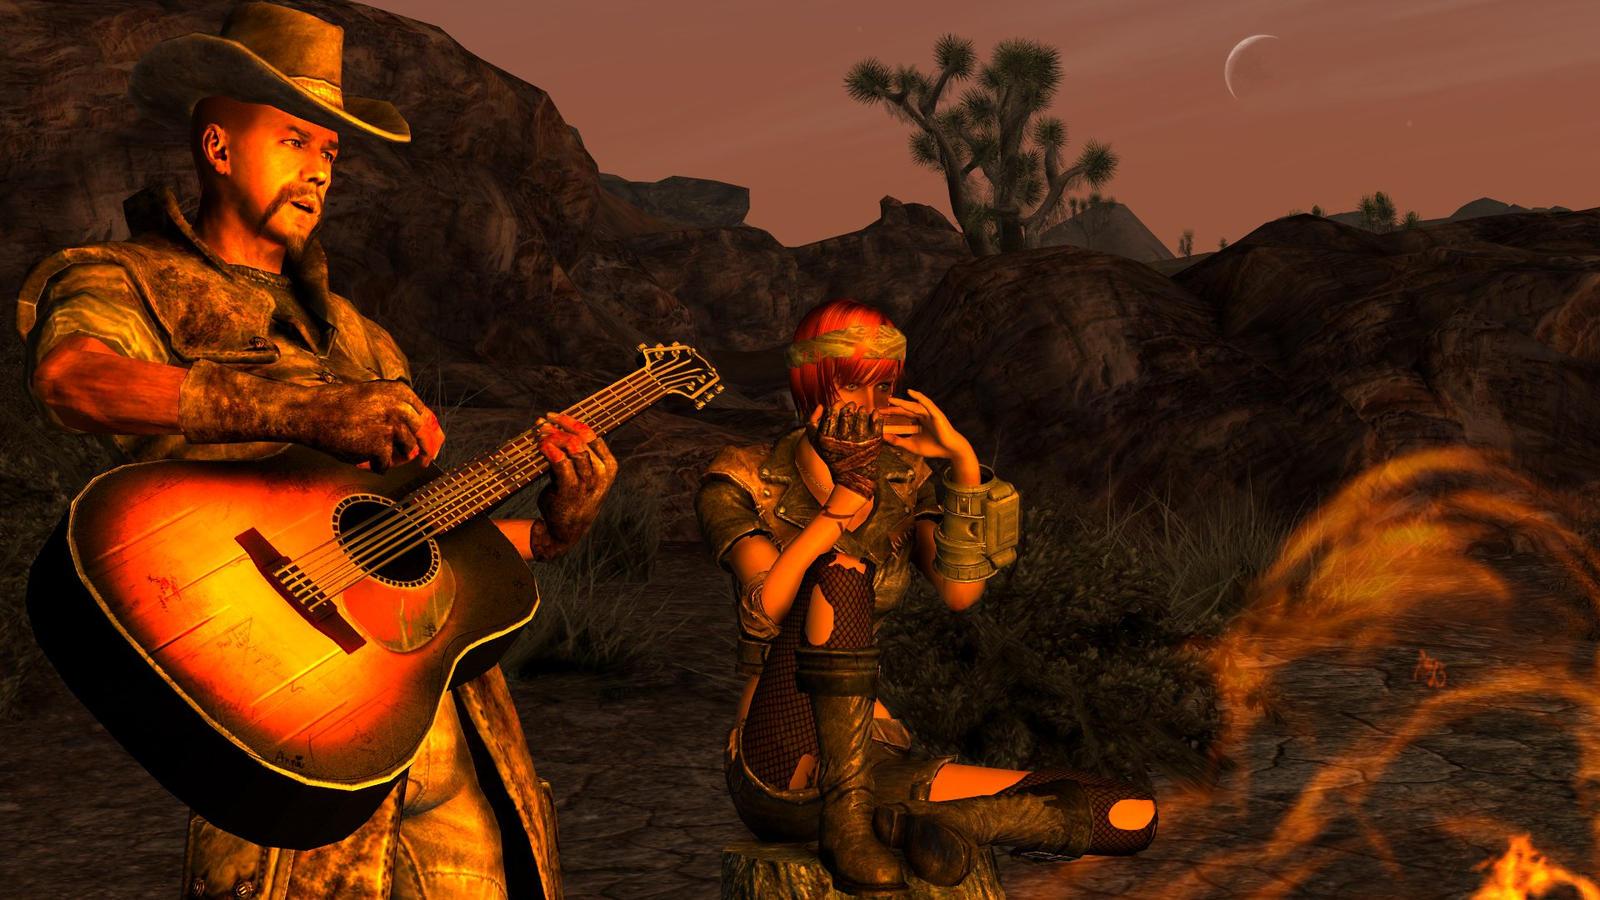 campfire_musicians_by_capmac-d4zqjm5.jpg